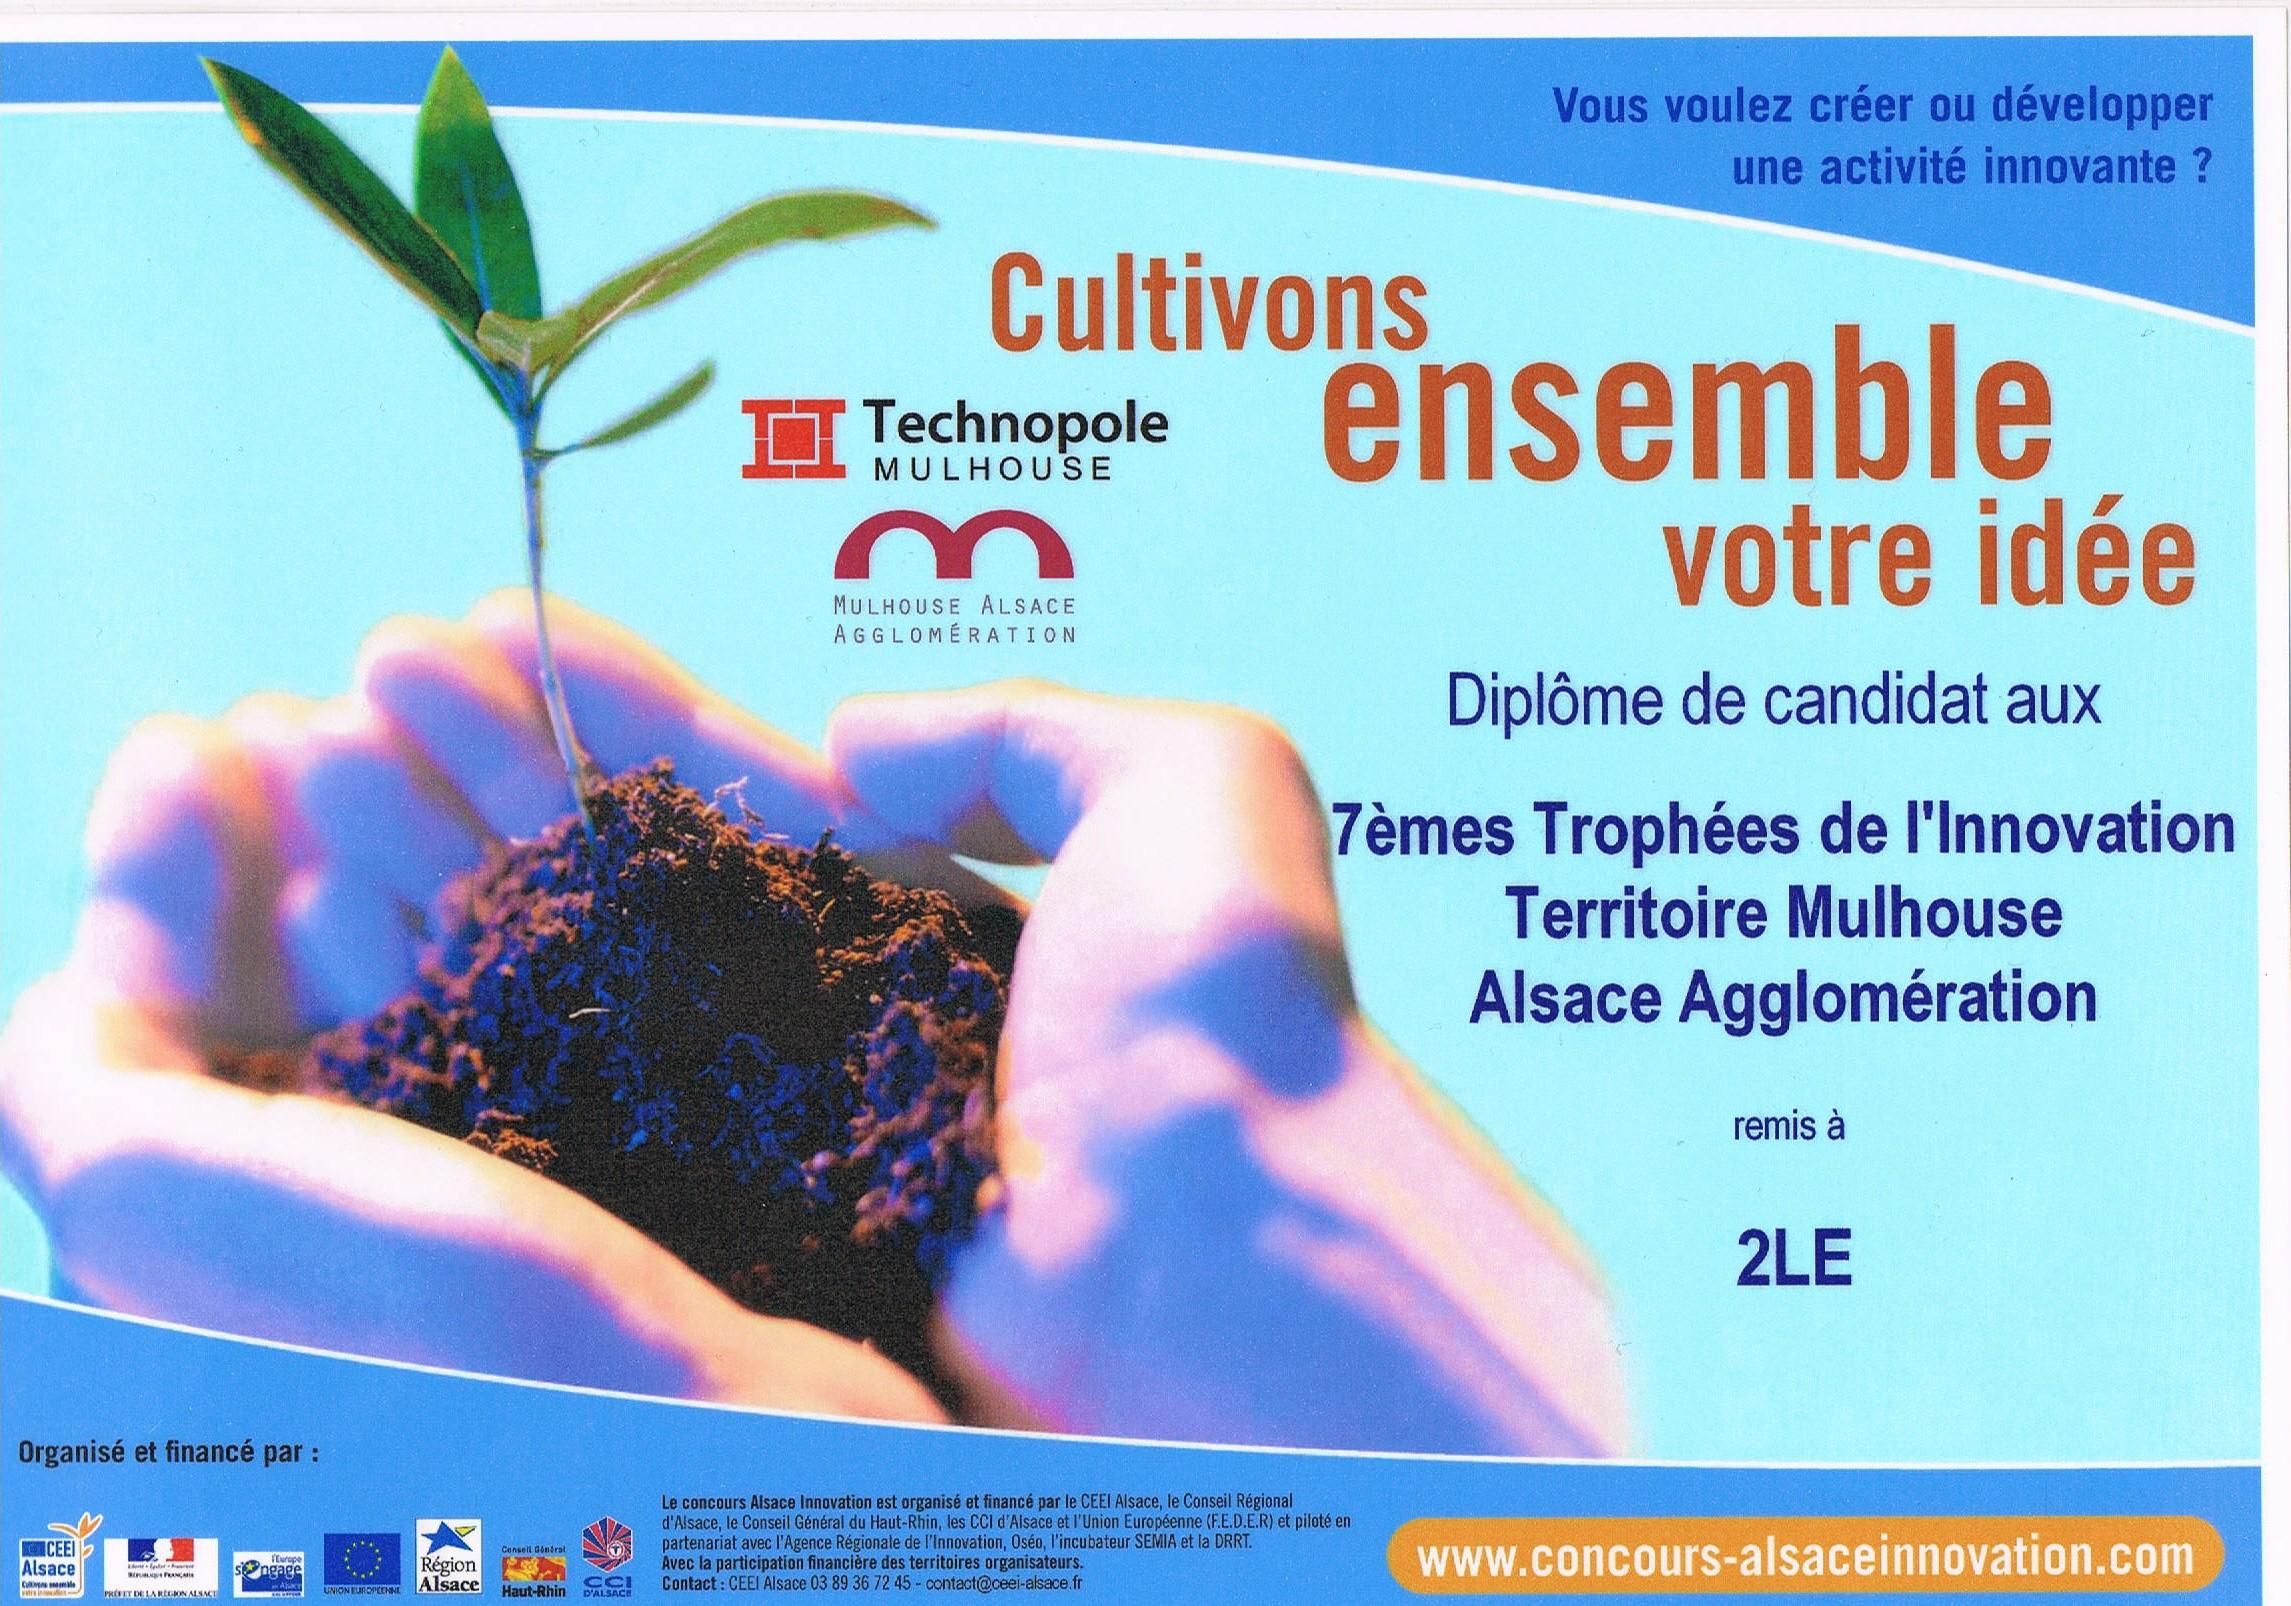 Amapy lauréat du Concours Alsace Innovation